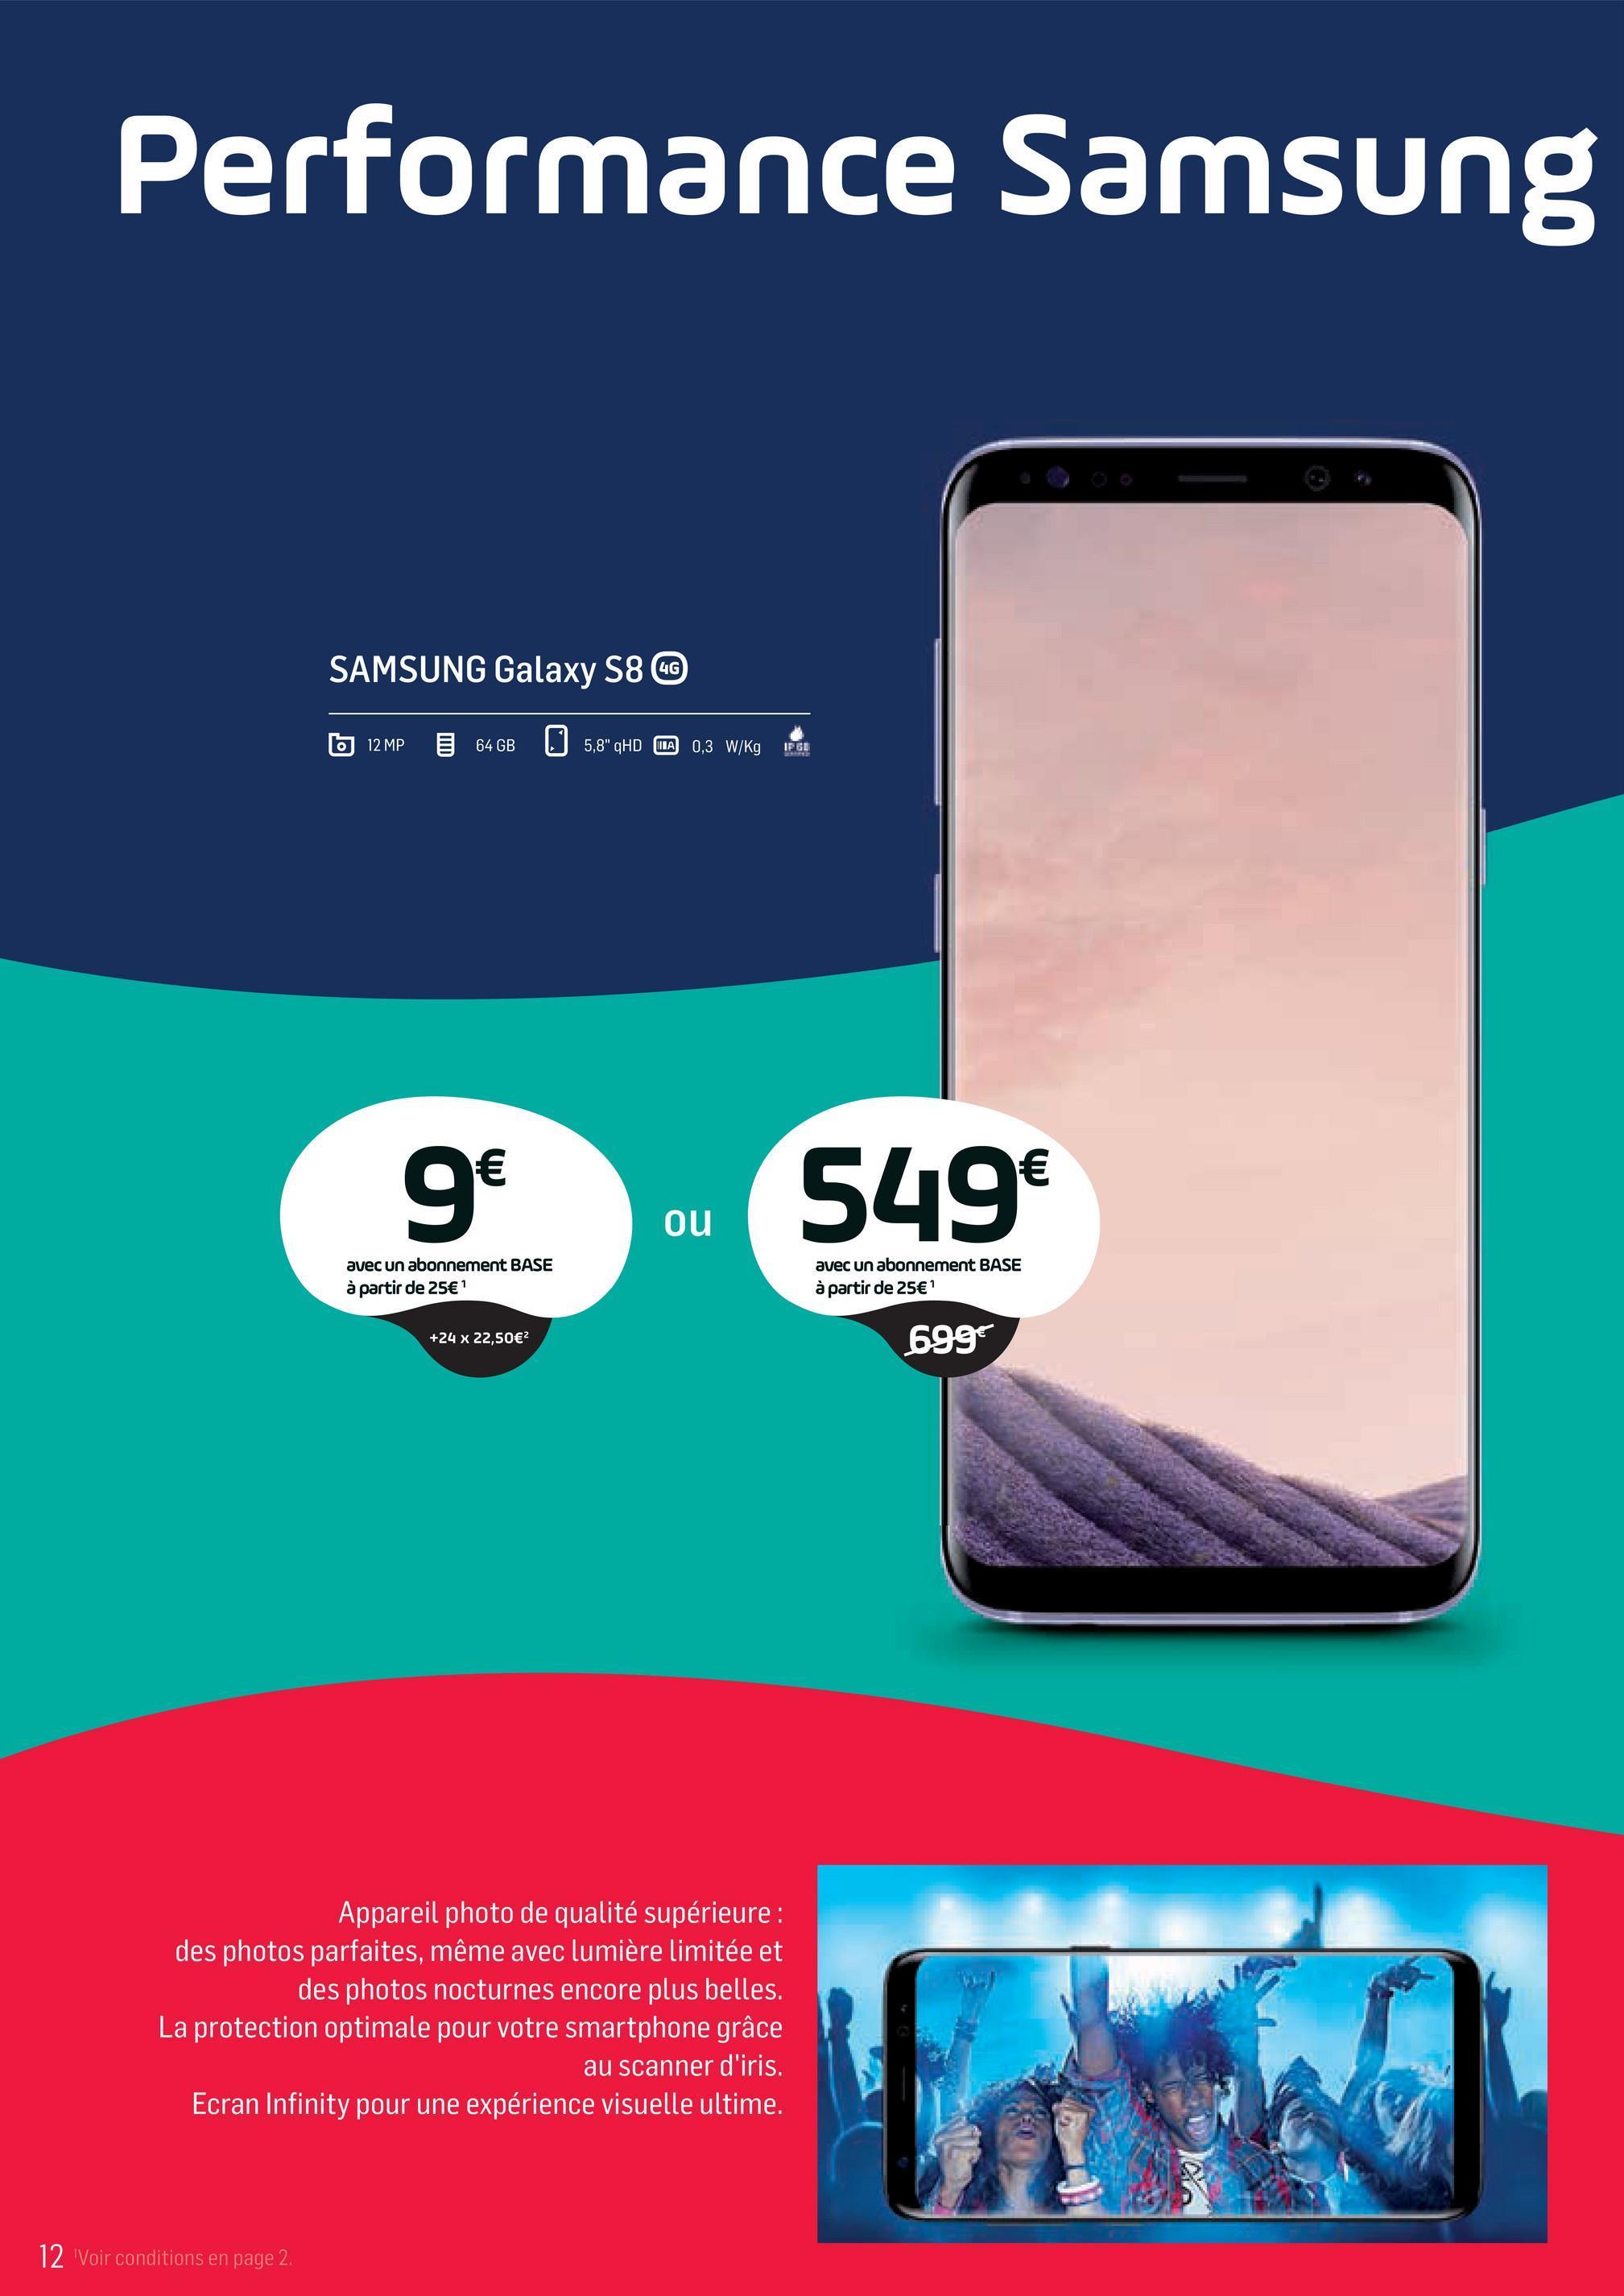 """Folder Base du 02/04/2018 au 01/05/2018 - Performance Samsung SAMSUNG Galaxy S8 GG 12MP 64GB 5,8"""" QHD INA 0,3 W/KgFUL g 549€ ou 549 avec un abonnement BASE à partir de 25€ 1 avec un abonnement BASE à partir de 25€' +24 x 22,50€ 699 Appareil photo de qualité supérieure : des photos parfaites, même avec lumière limitée et des photos nocturnes encore plus belles. La protection optimale pour votre smartphone grâce au scanner d'iris. Ecran Infinity pour une expérience visuelle ultime. 12 Voir conditions en page 2"""